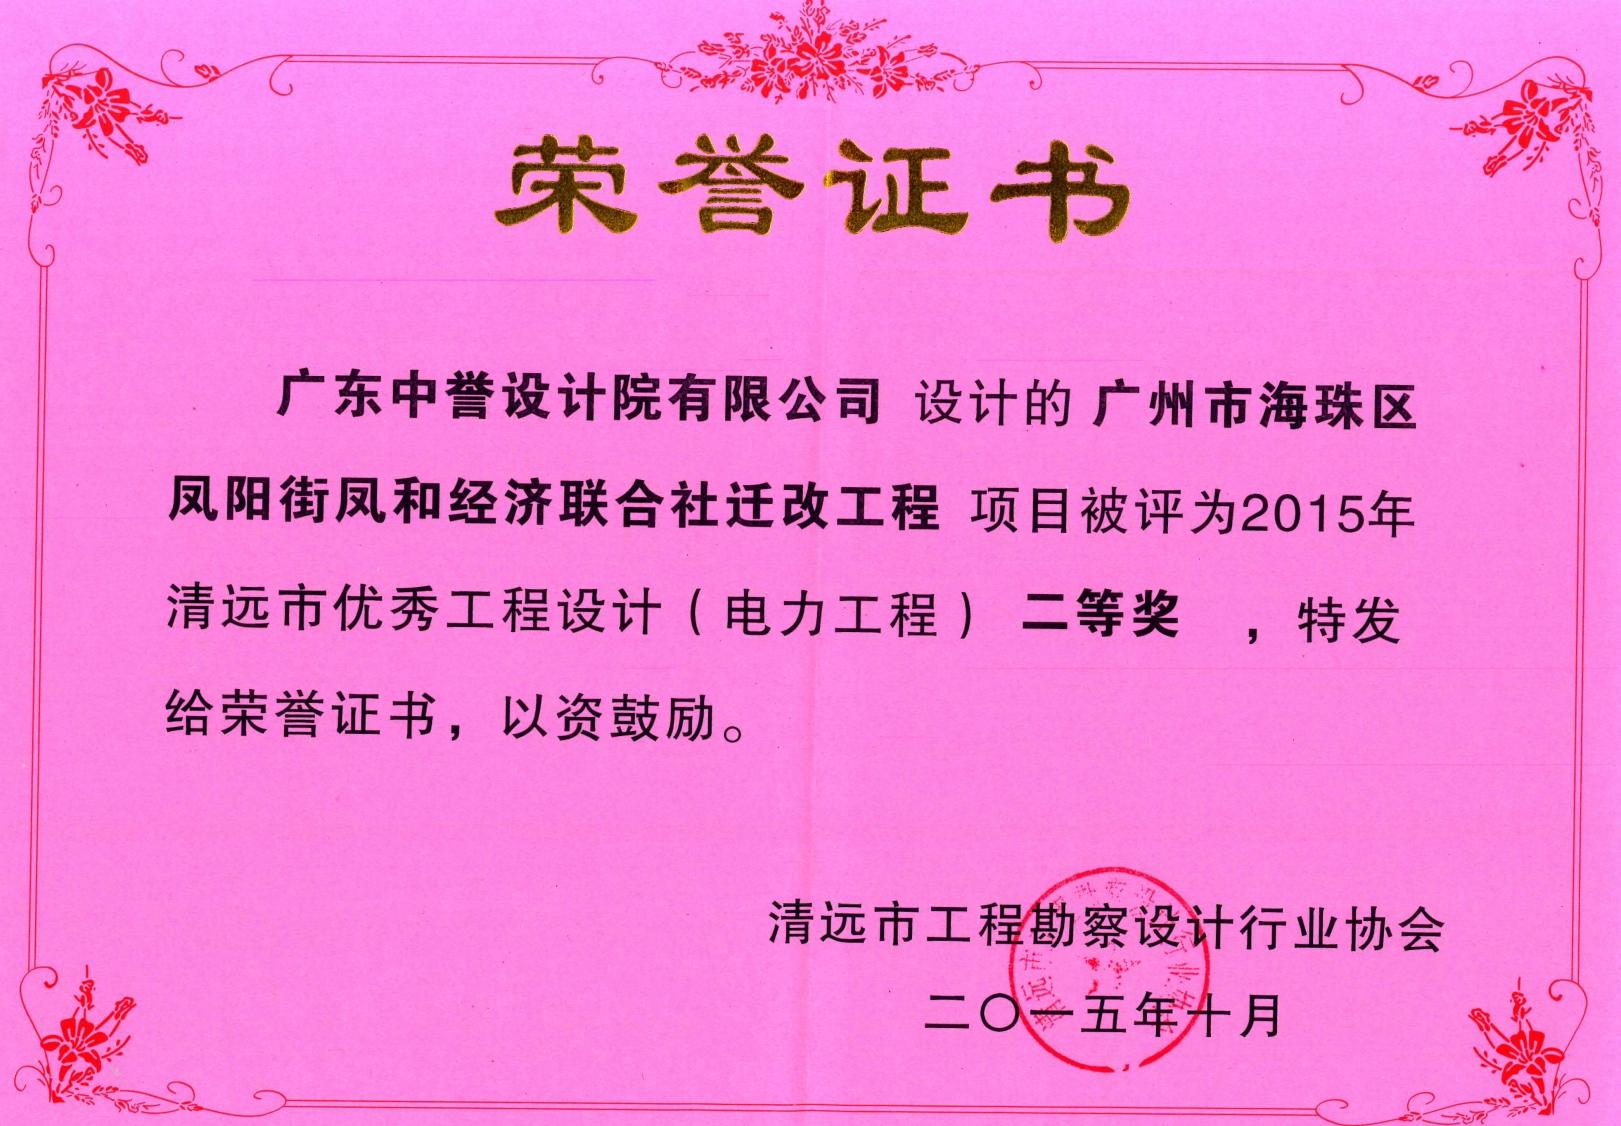 广州市海珠区凤阳街凤和经济联合社迁改工程